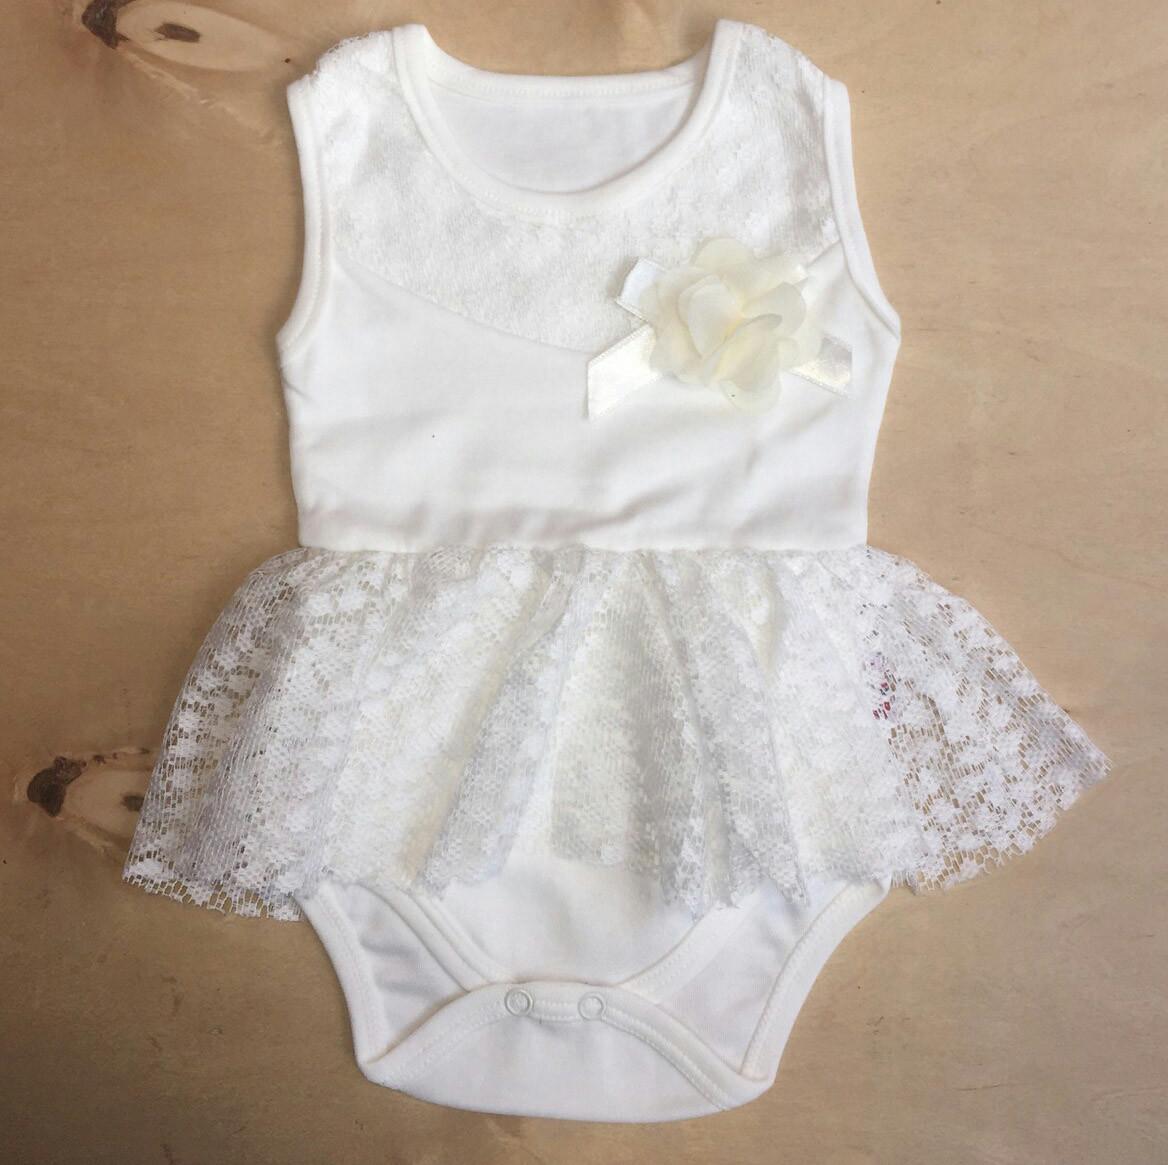 29297b637c8b Нарядный боди с юбкой для новорожденных на девочек 0-6 месяцев —  Интернет-магазин ...